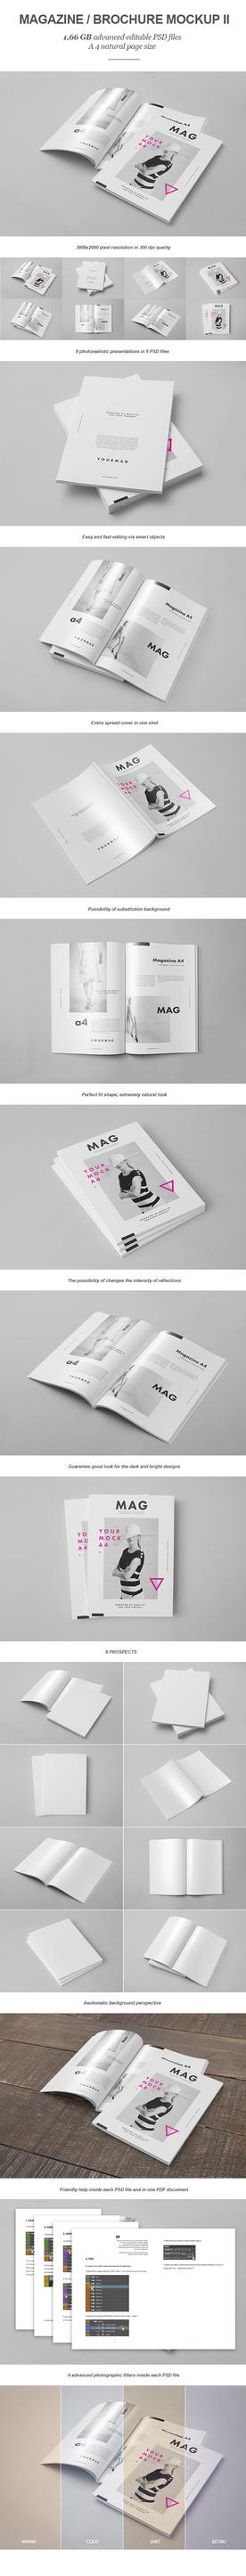 Magazine / Brochure Mock-up II by yogurt86